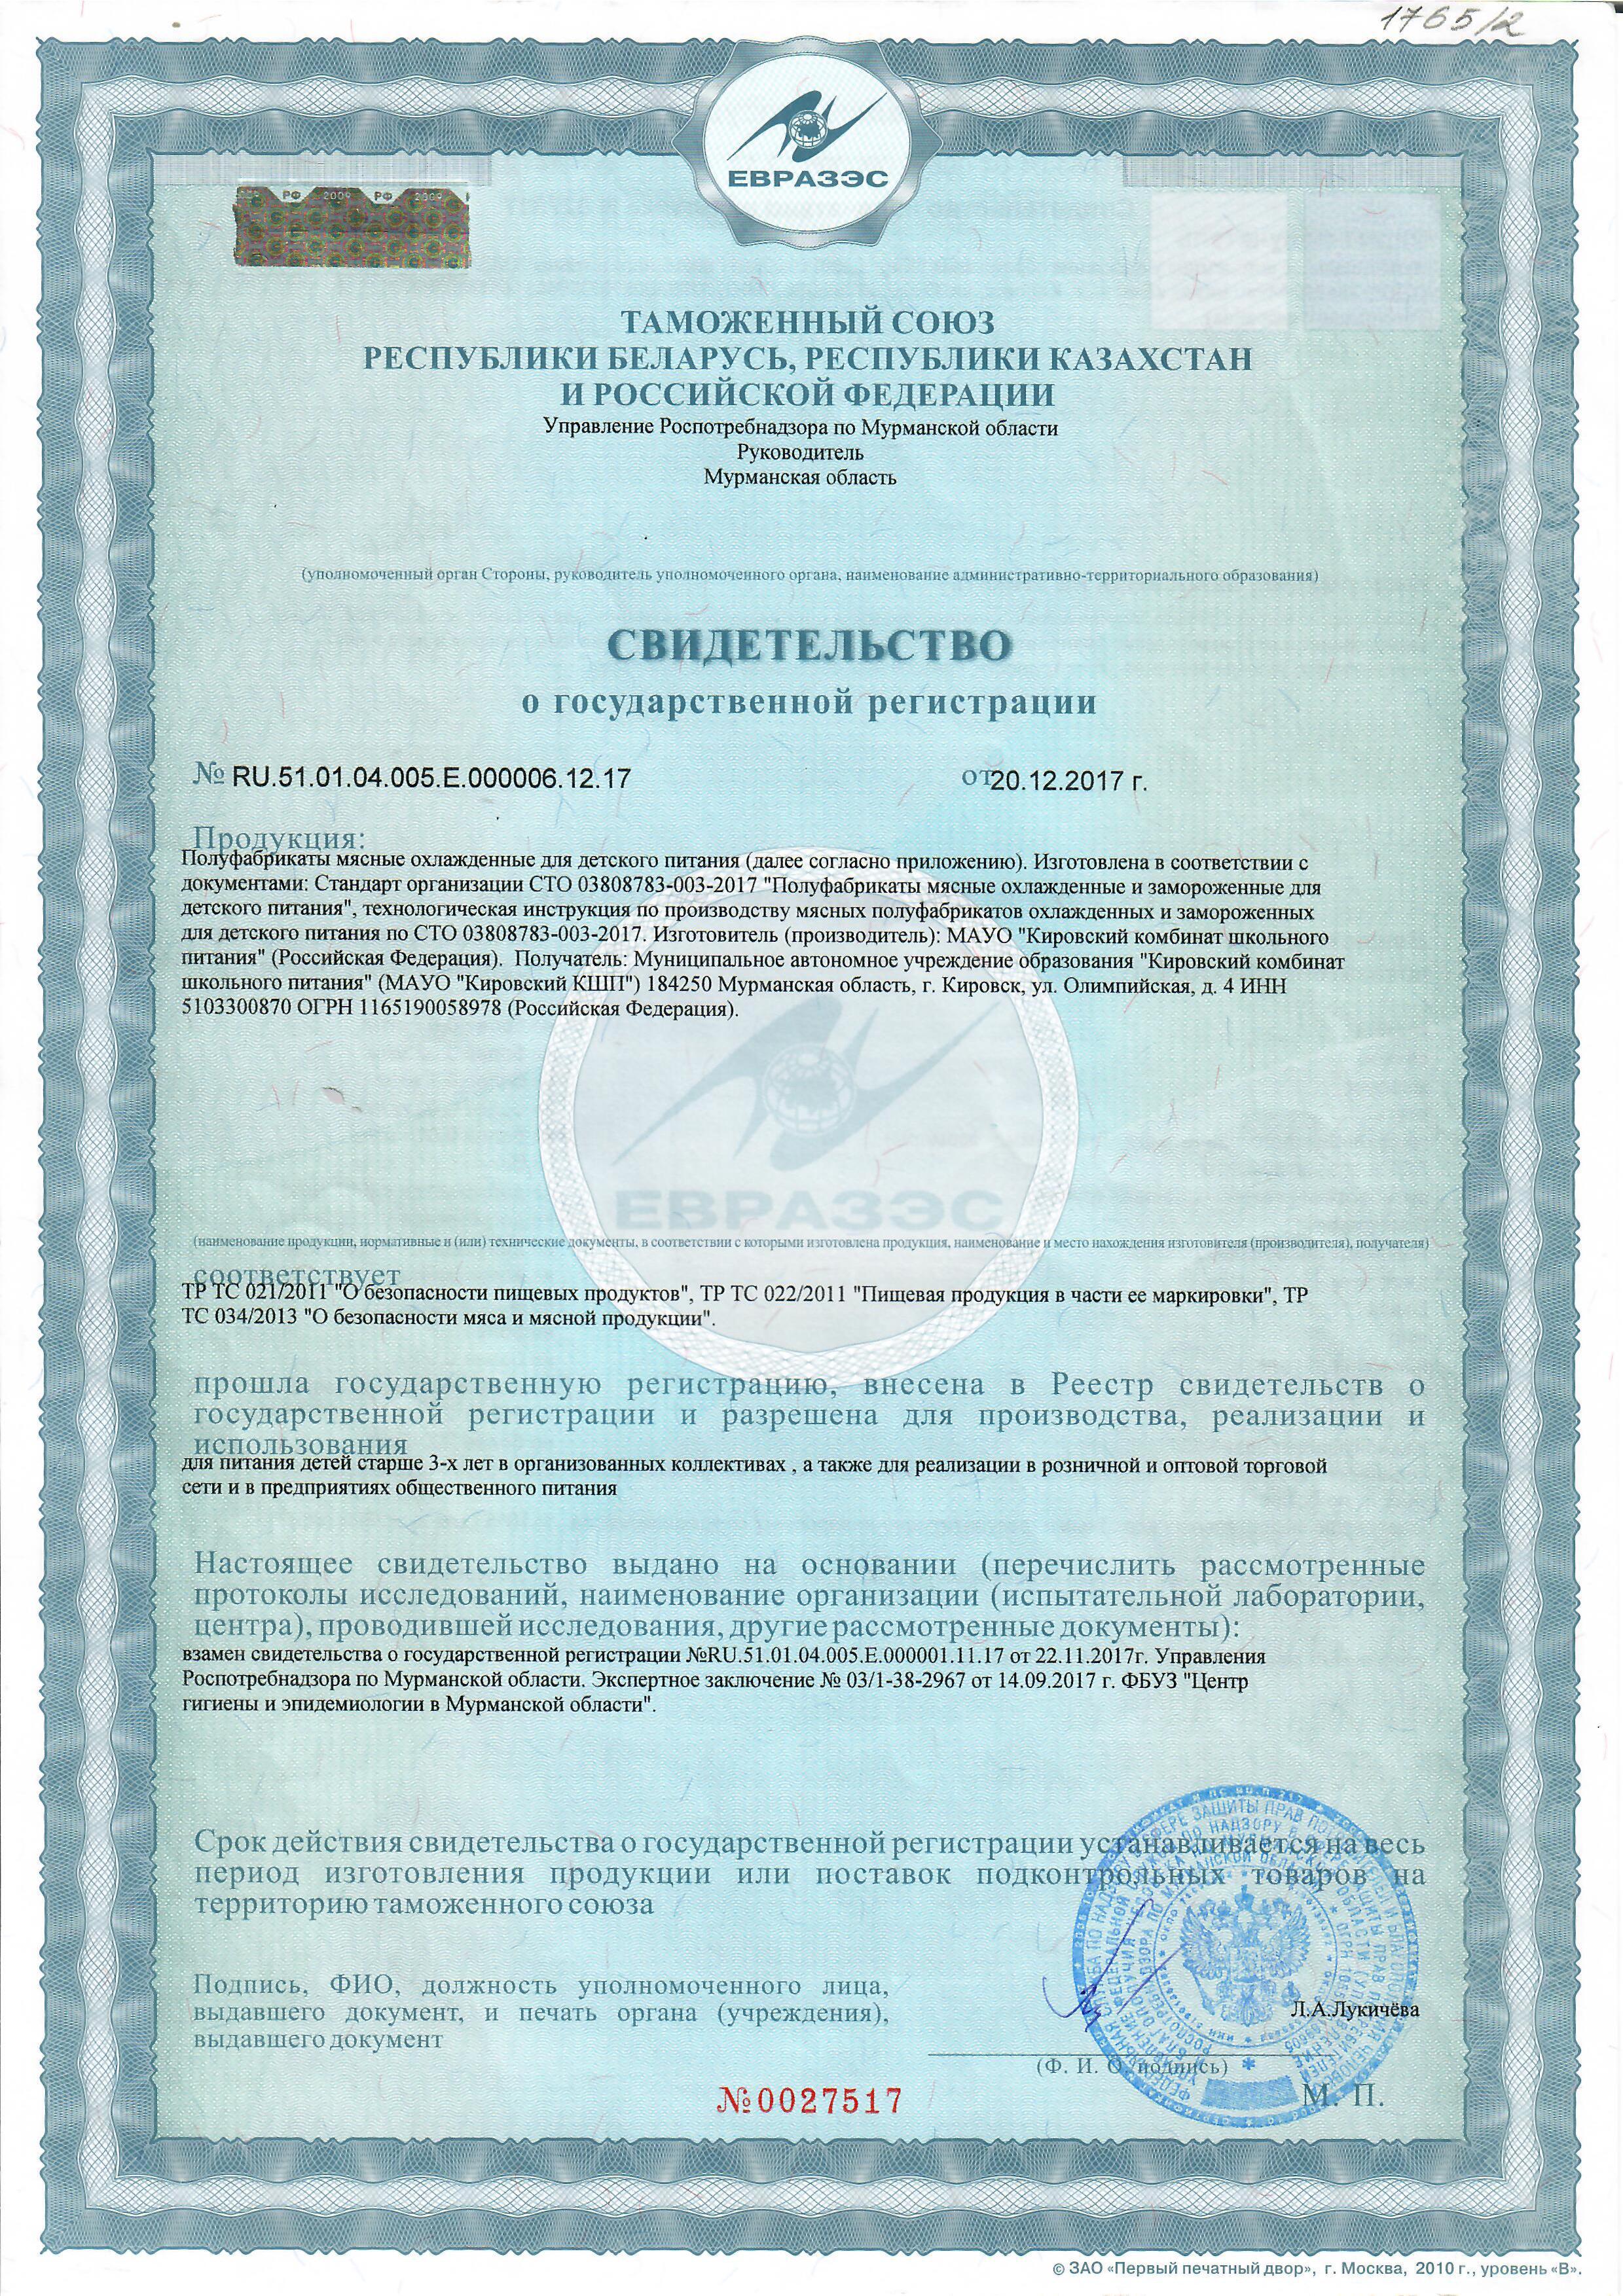 Свидетельство о государственной регистрации_ мясные полуфабрикаты